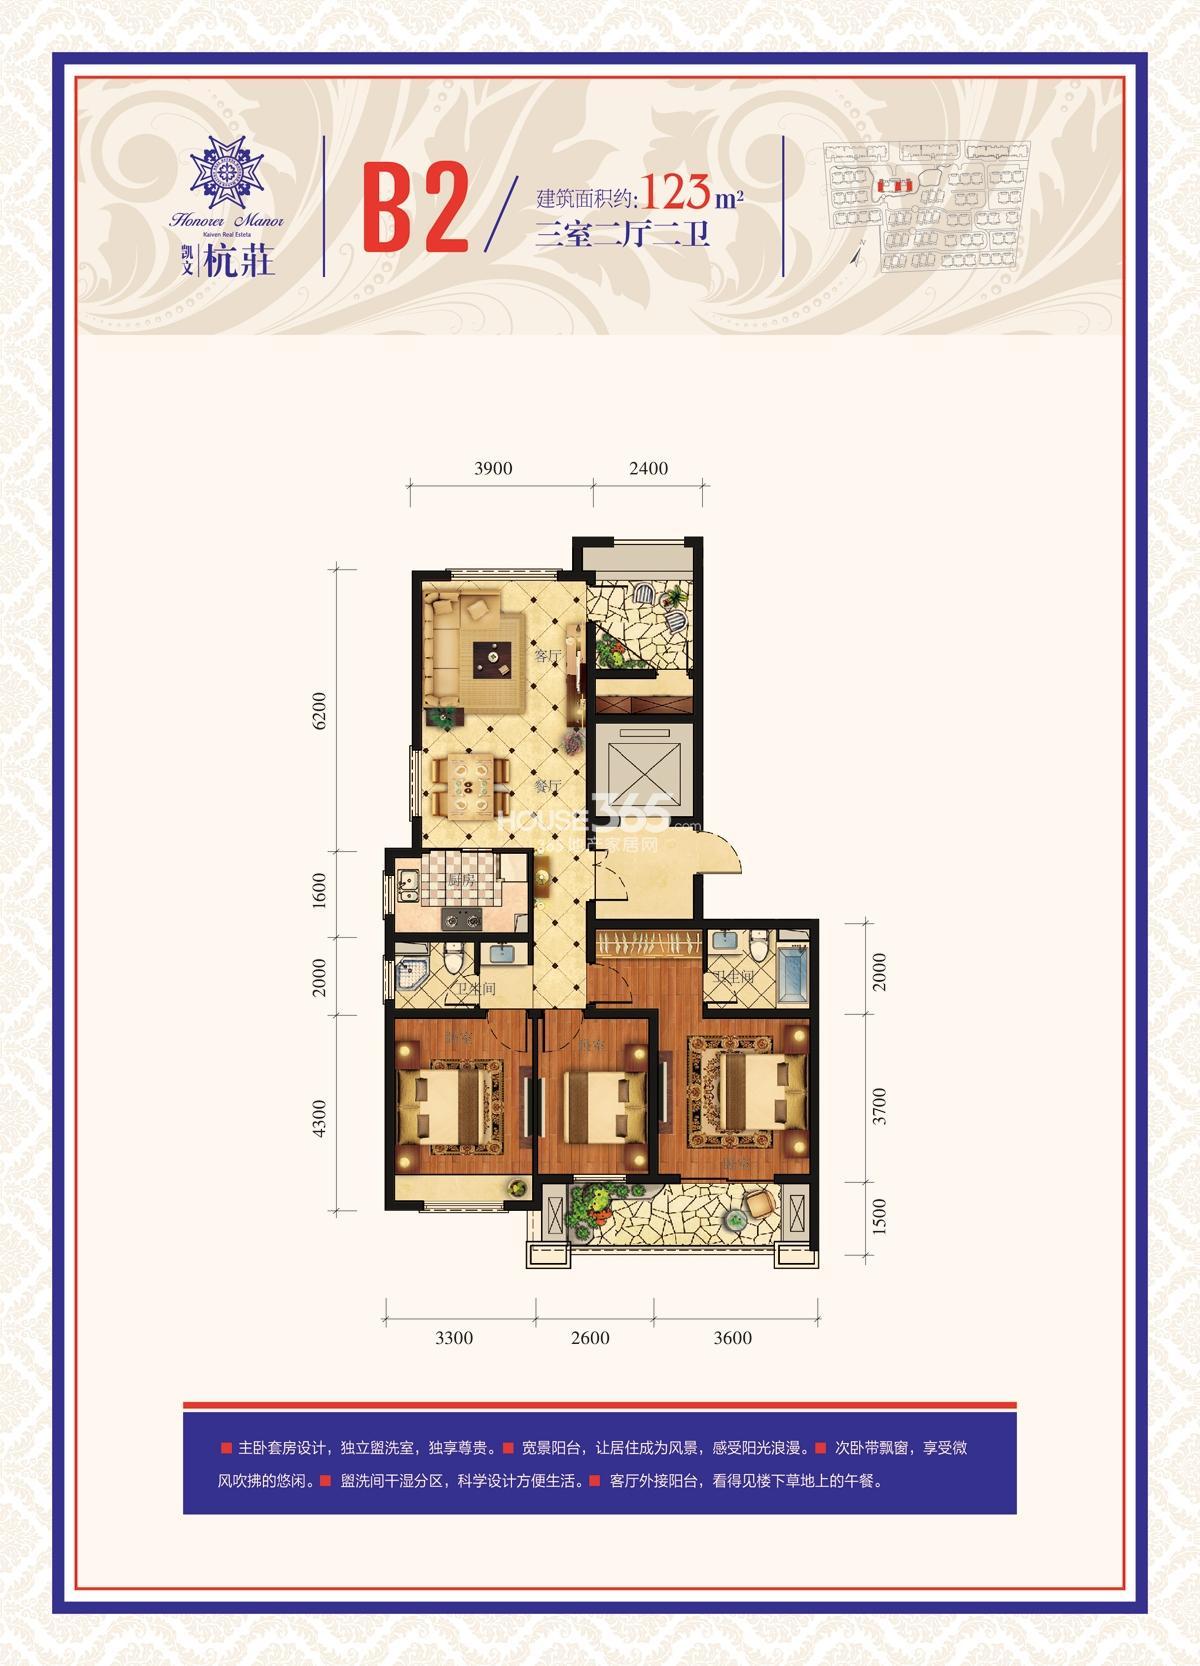 凯文杭庄6号楼B2户型123方三室二厅二卫